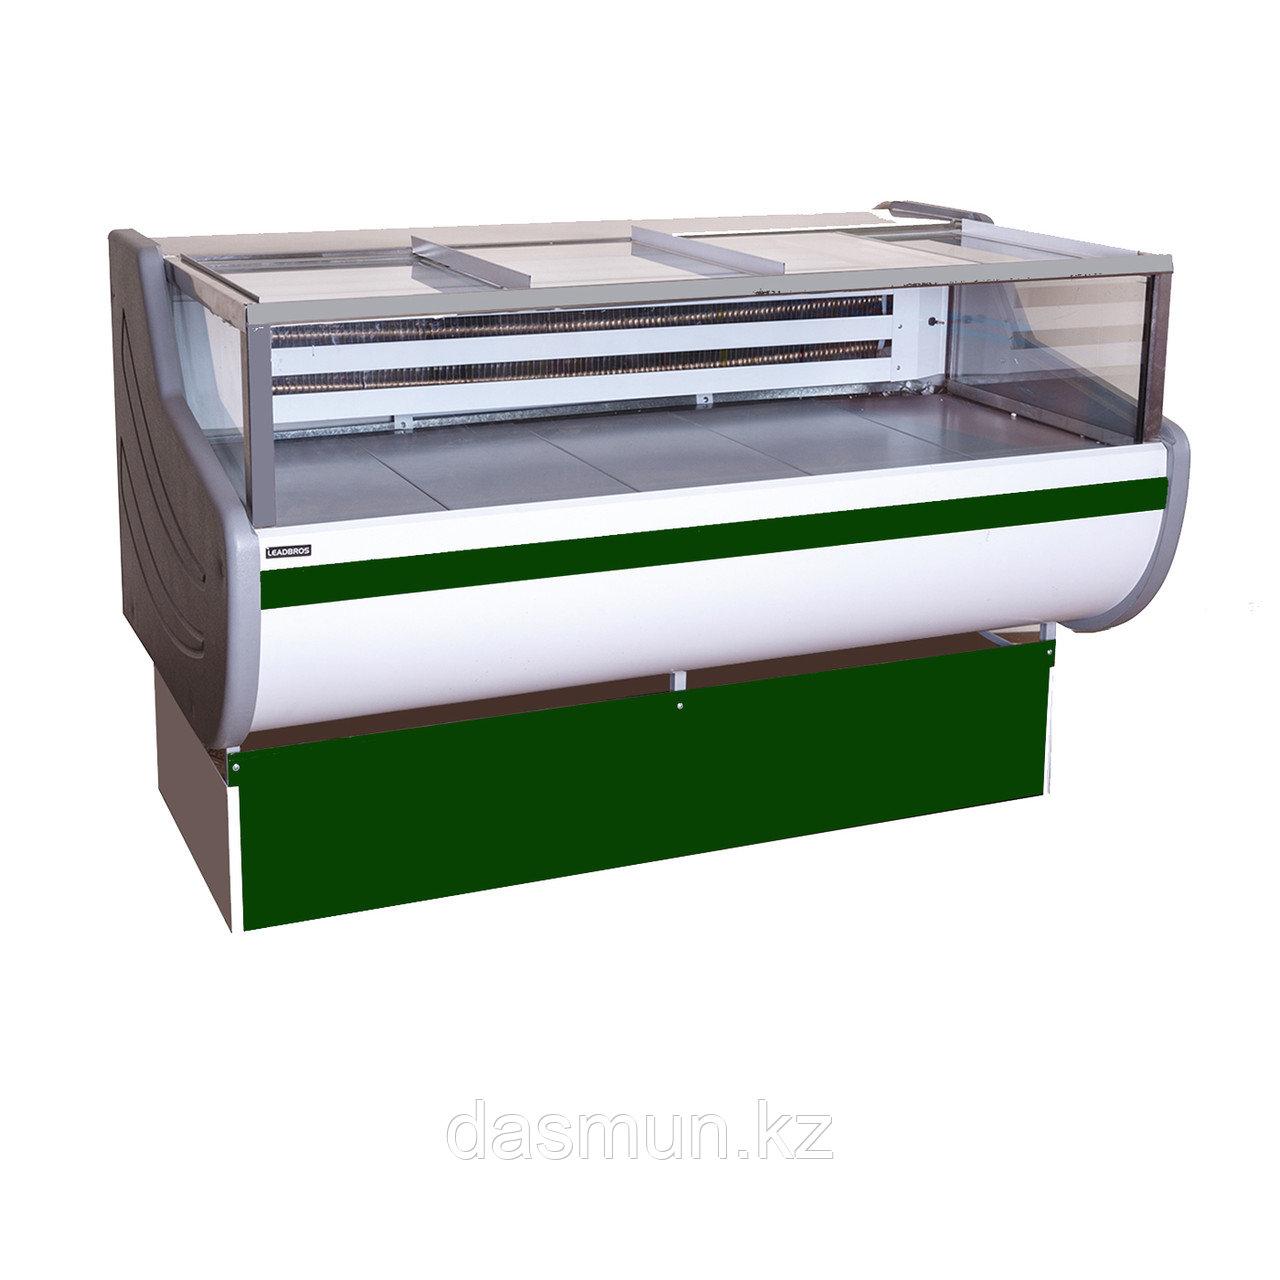 SALAD Standart  1.3S витрина холодильная